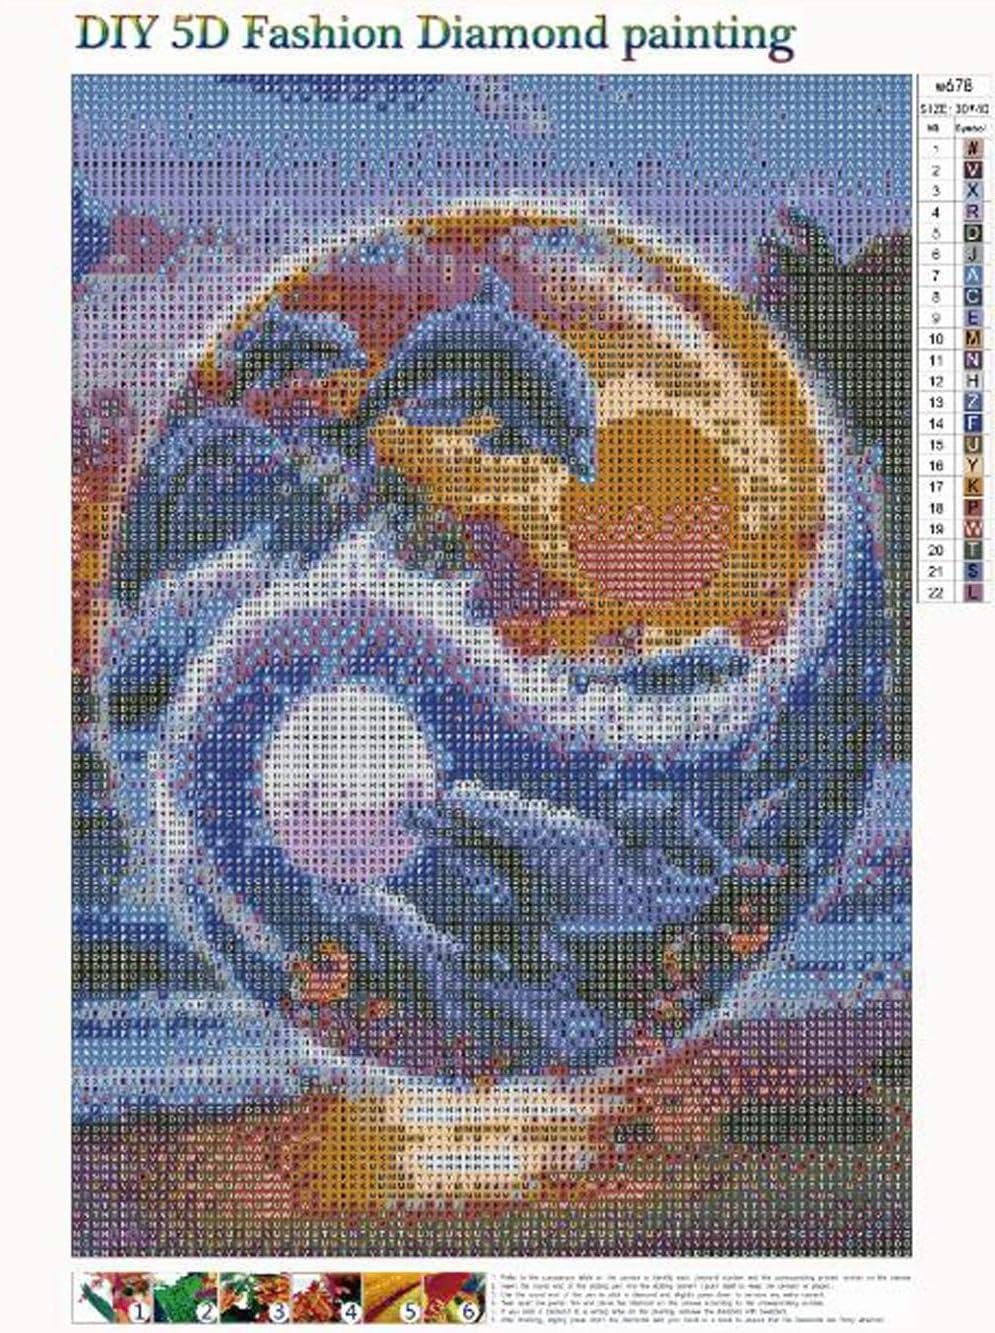 MXJSUA 5D DIY Diamant Peinture par Num/éro Kit Fulll Ronde Perle Perle Image Fournitures Arts Artisanat Wall Sticker D/écor Soleil et Lune Dauphin 30x40 cm